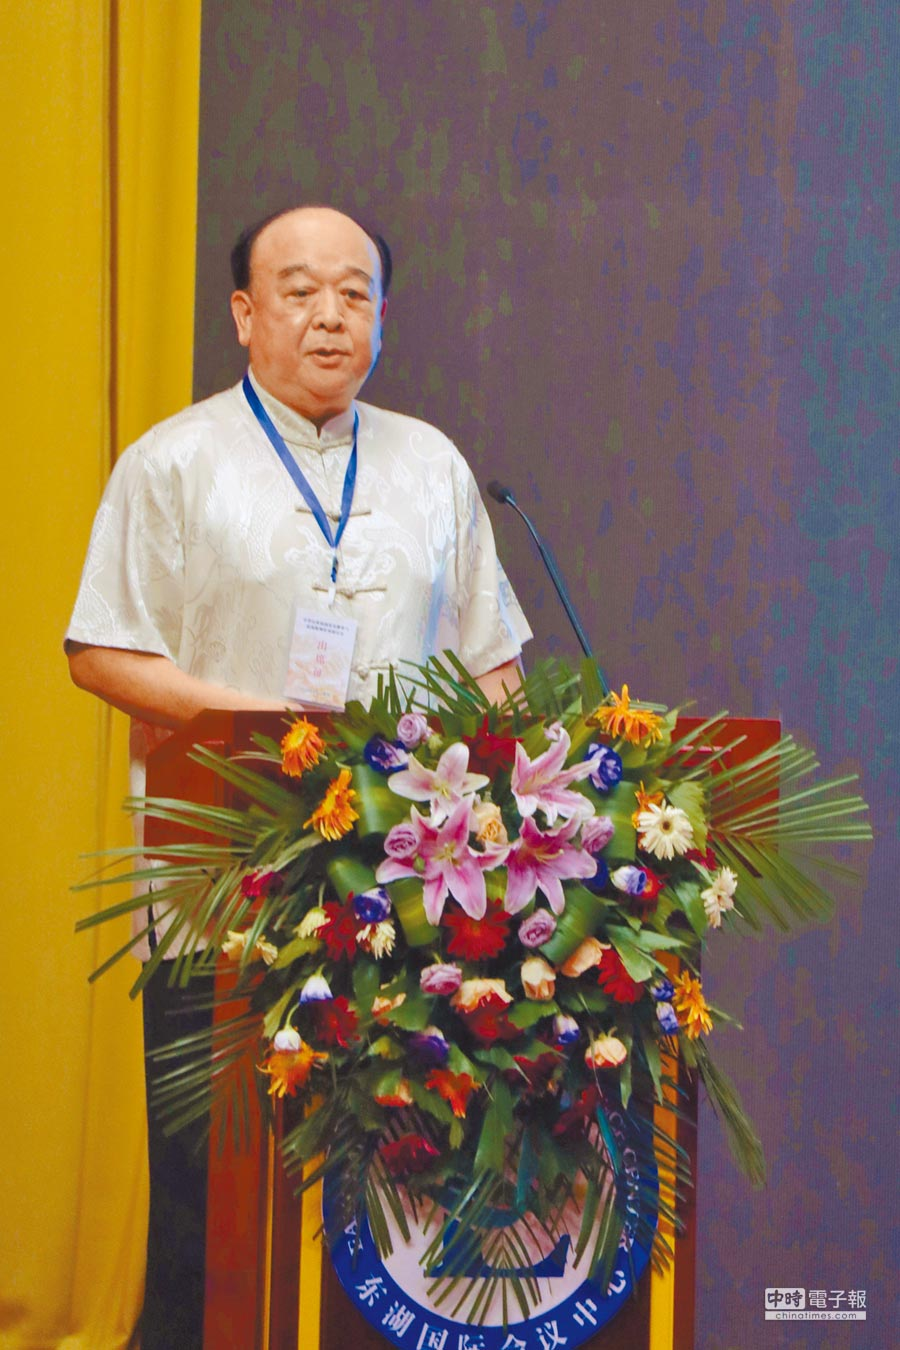 台灣退役中將吳斯懷表示,錯誤歷史教科書影響深遠,民進黨審理課綱打算將中國史與東亞史結合,消滅過往歷史。(記者吳泓勳攝)